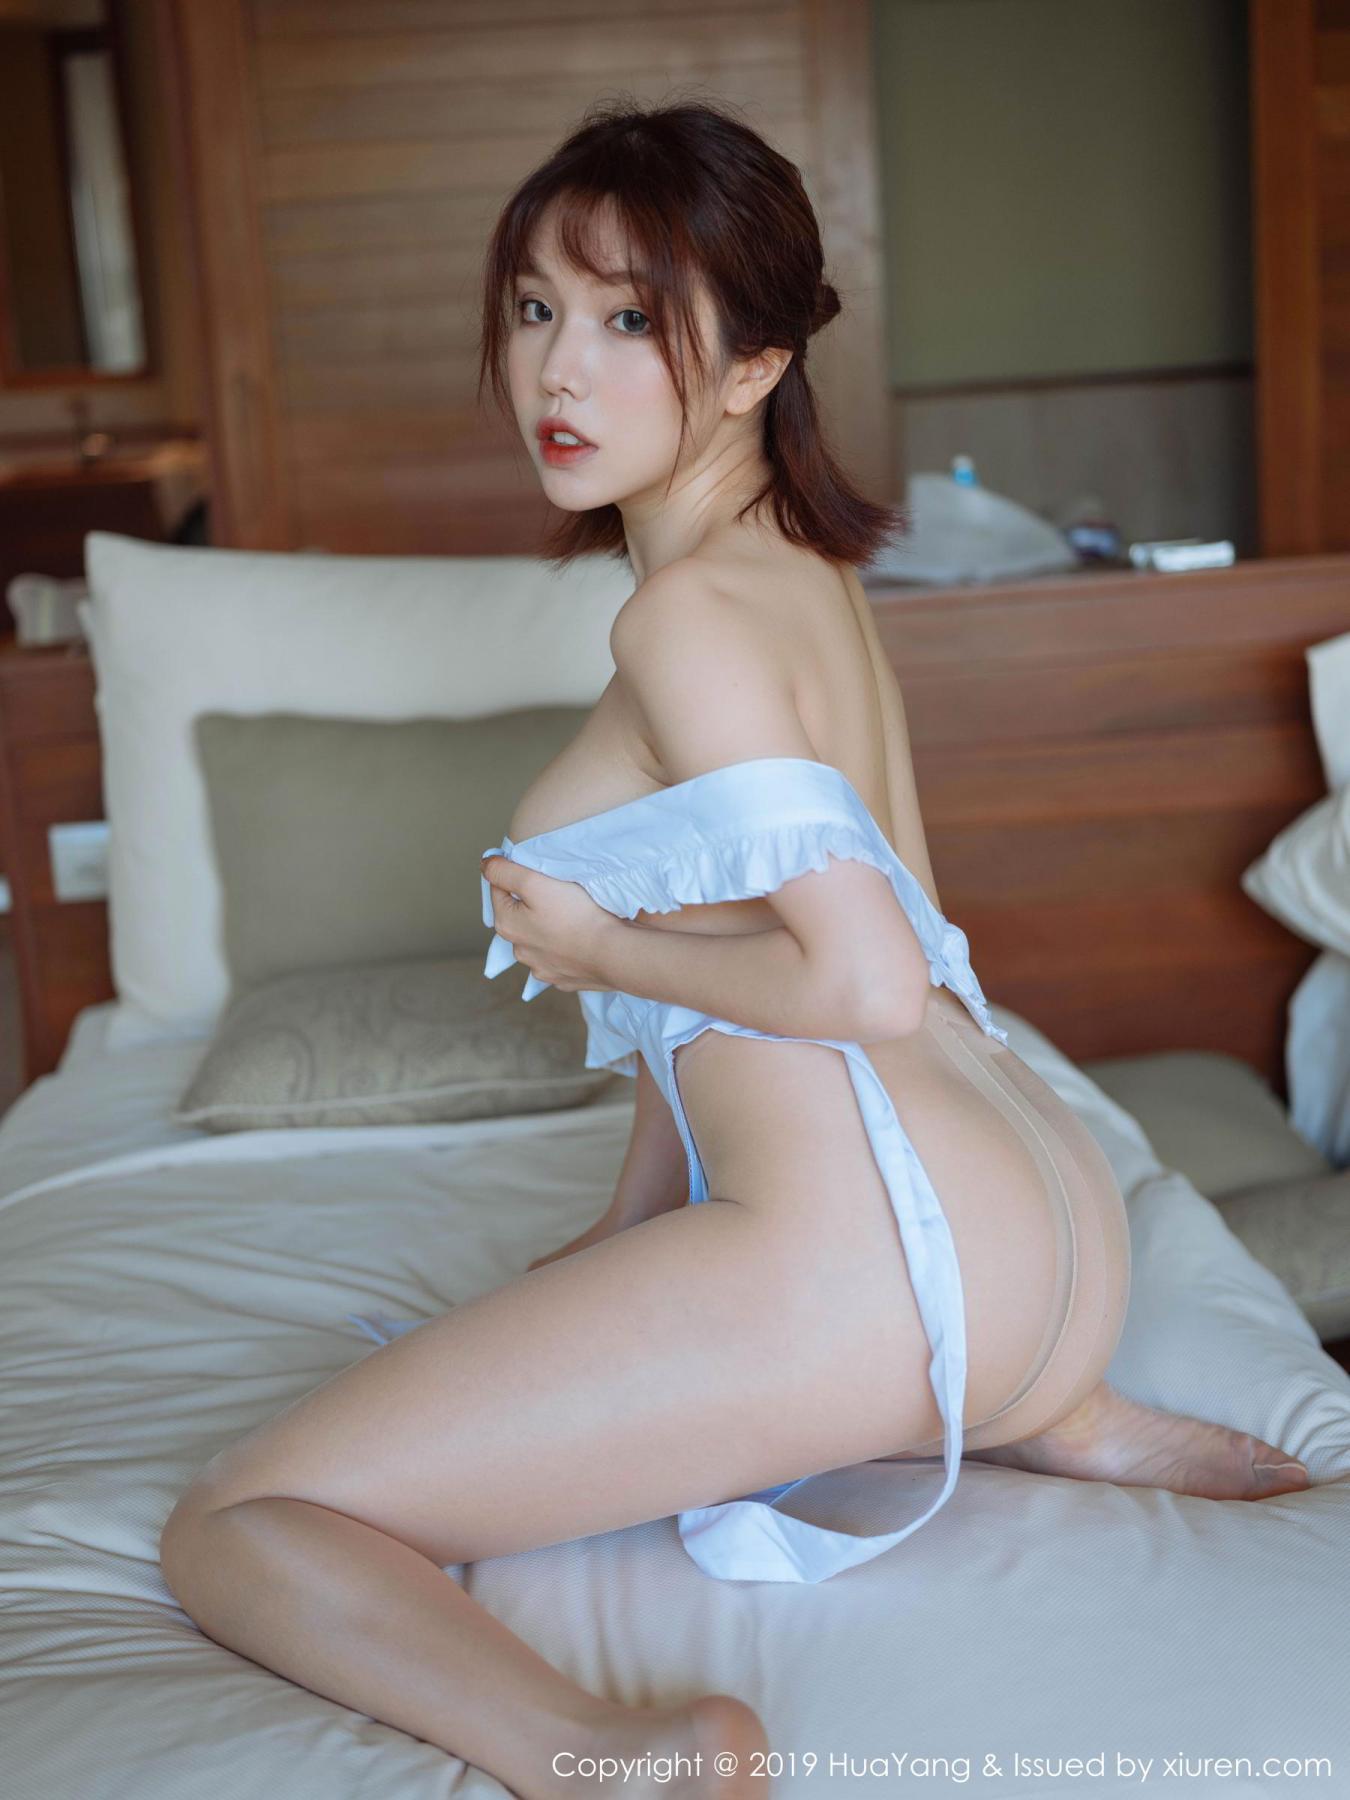 [Huayang] Vol.134 Huang Le Ran 45P, Huang Le Ran, HuaYang, Maid, Sexy